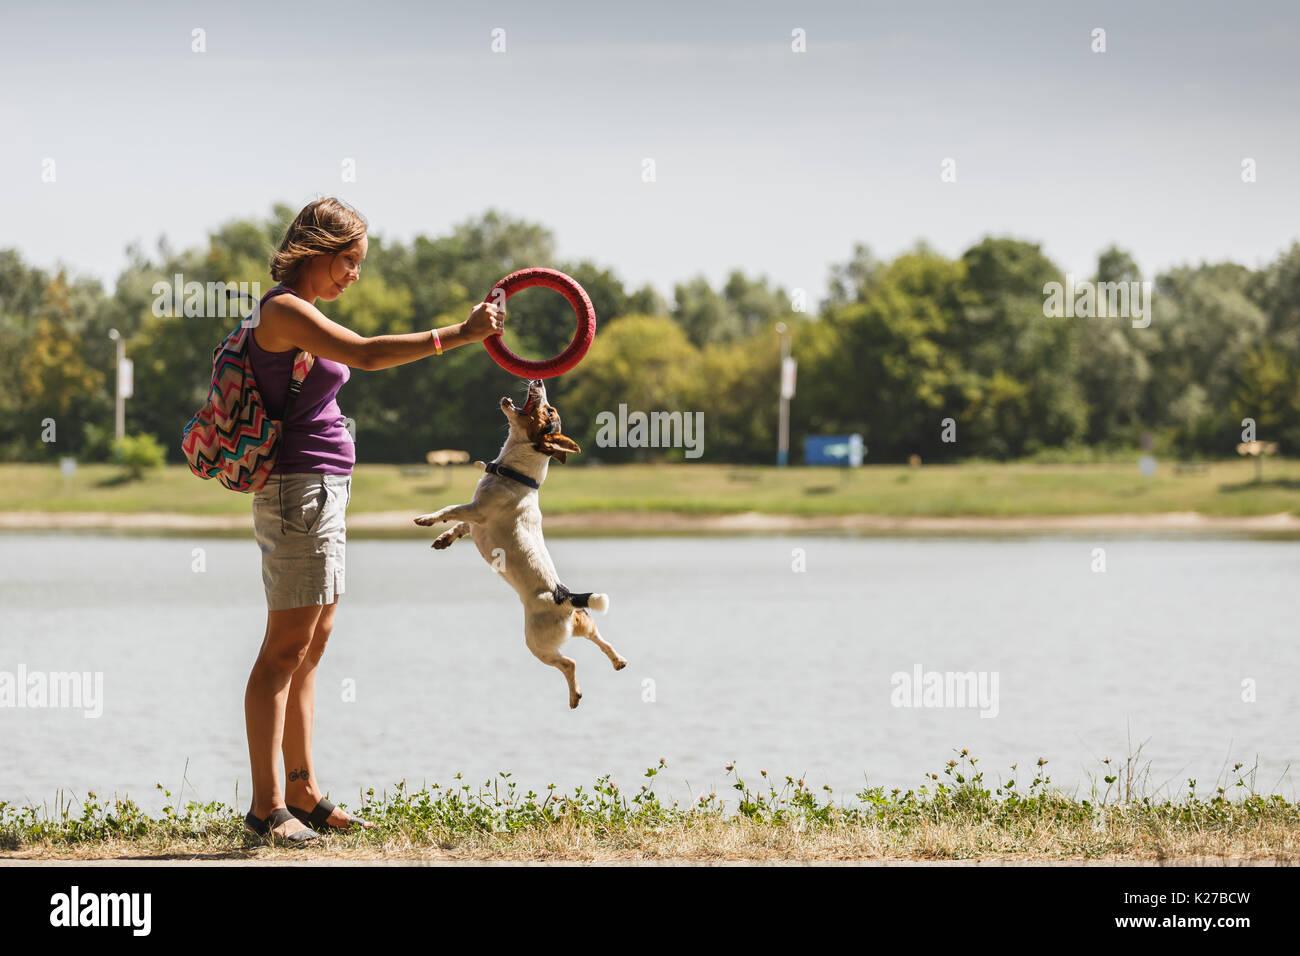 Mujer jugando con el perro en la naturaleza Imagen De Stock